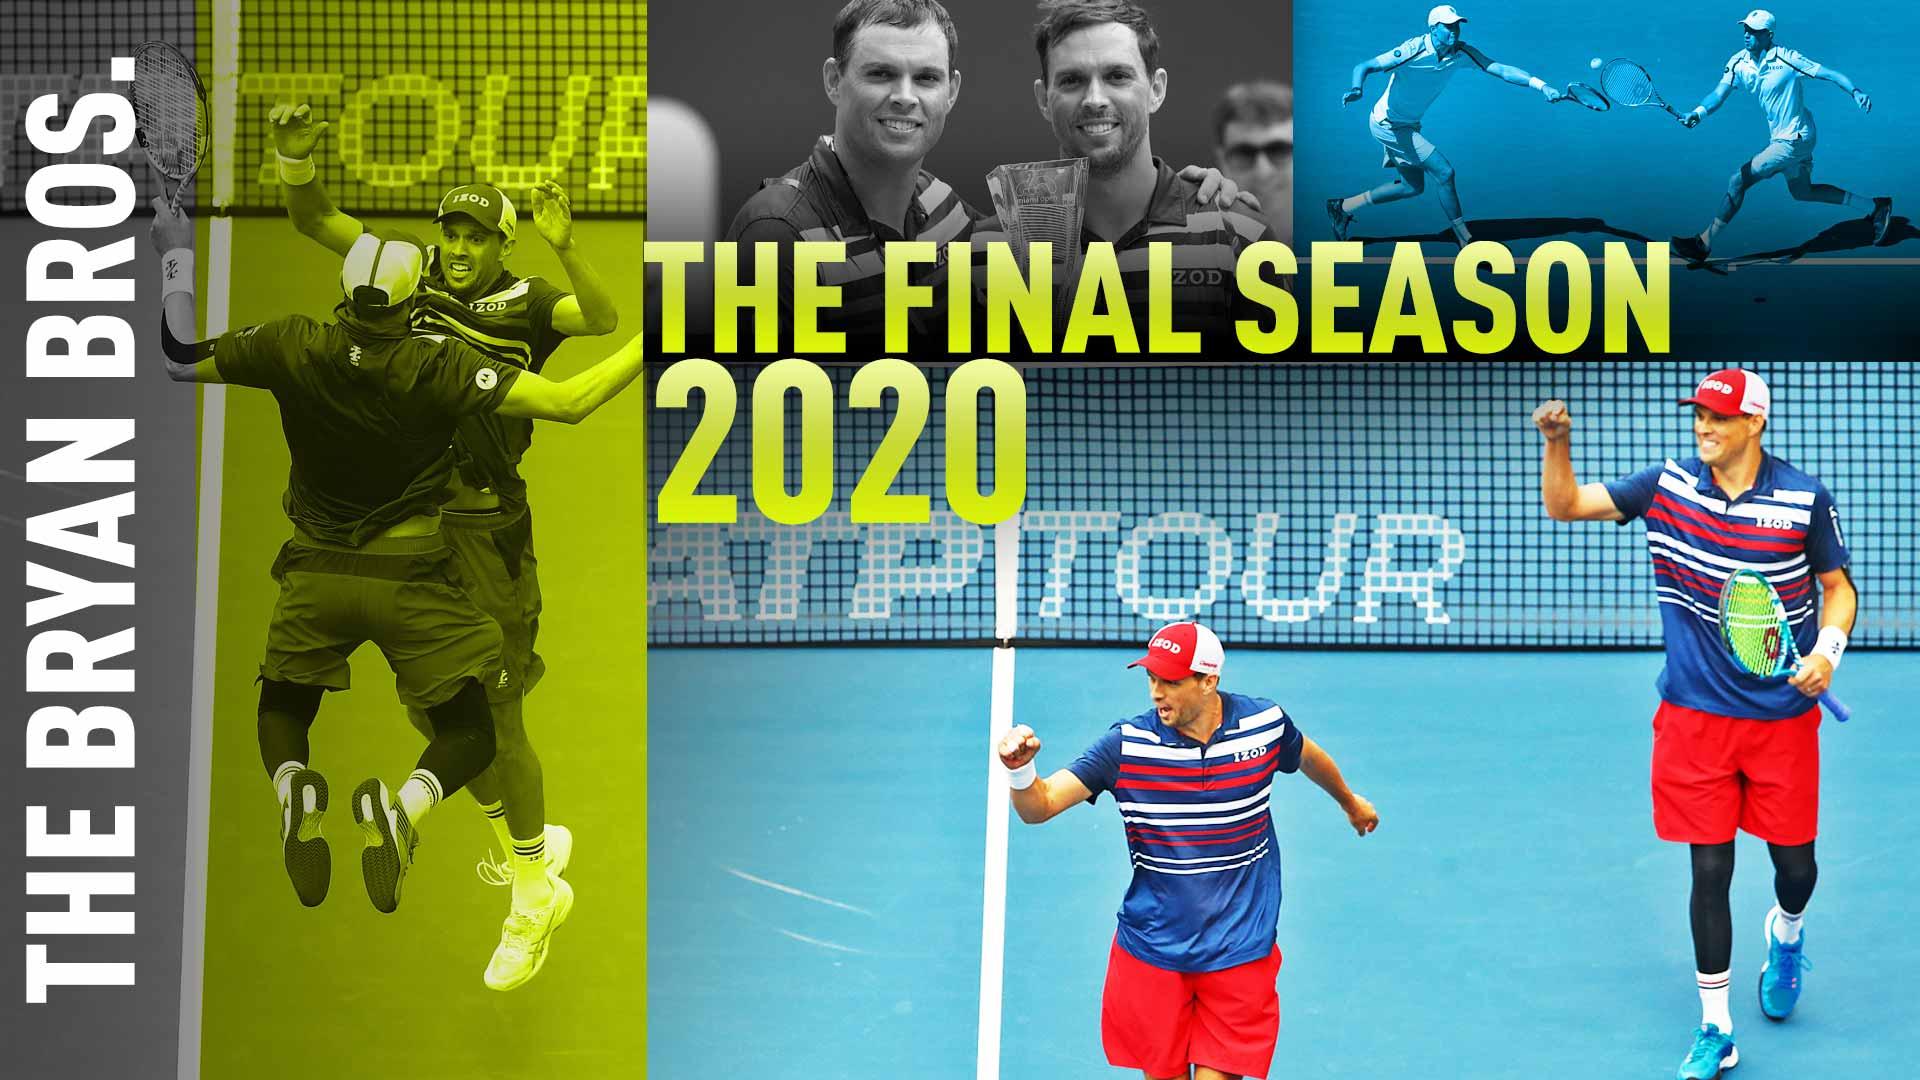 Легендарные братья Брайаны объявили, что уйдут из тенниса в 2020 году